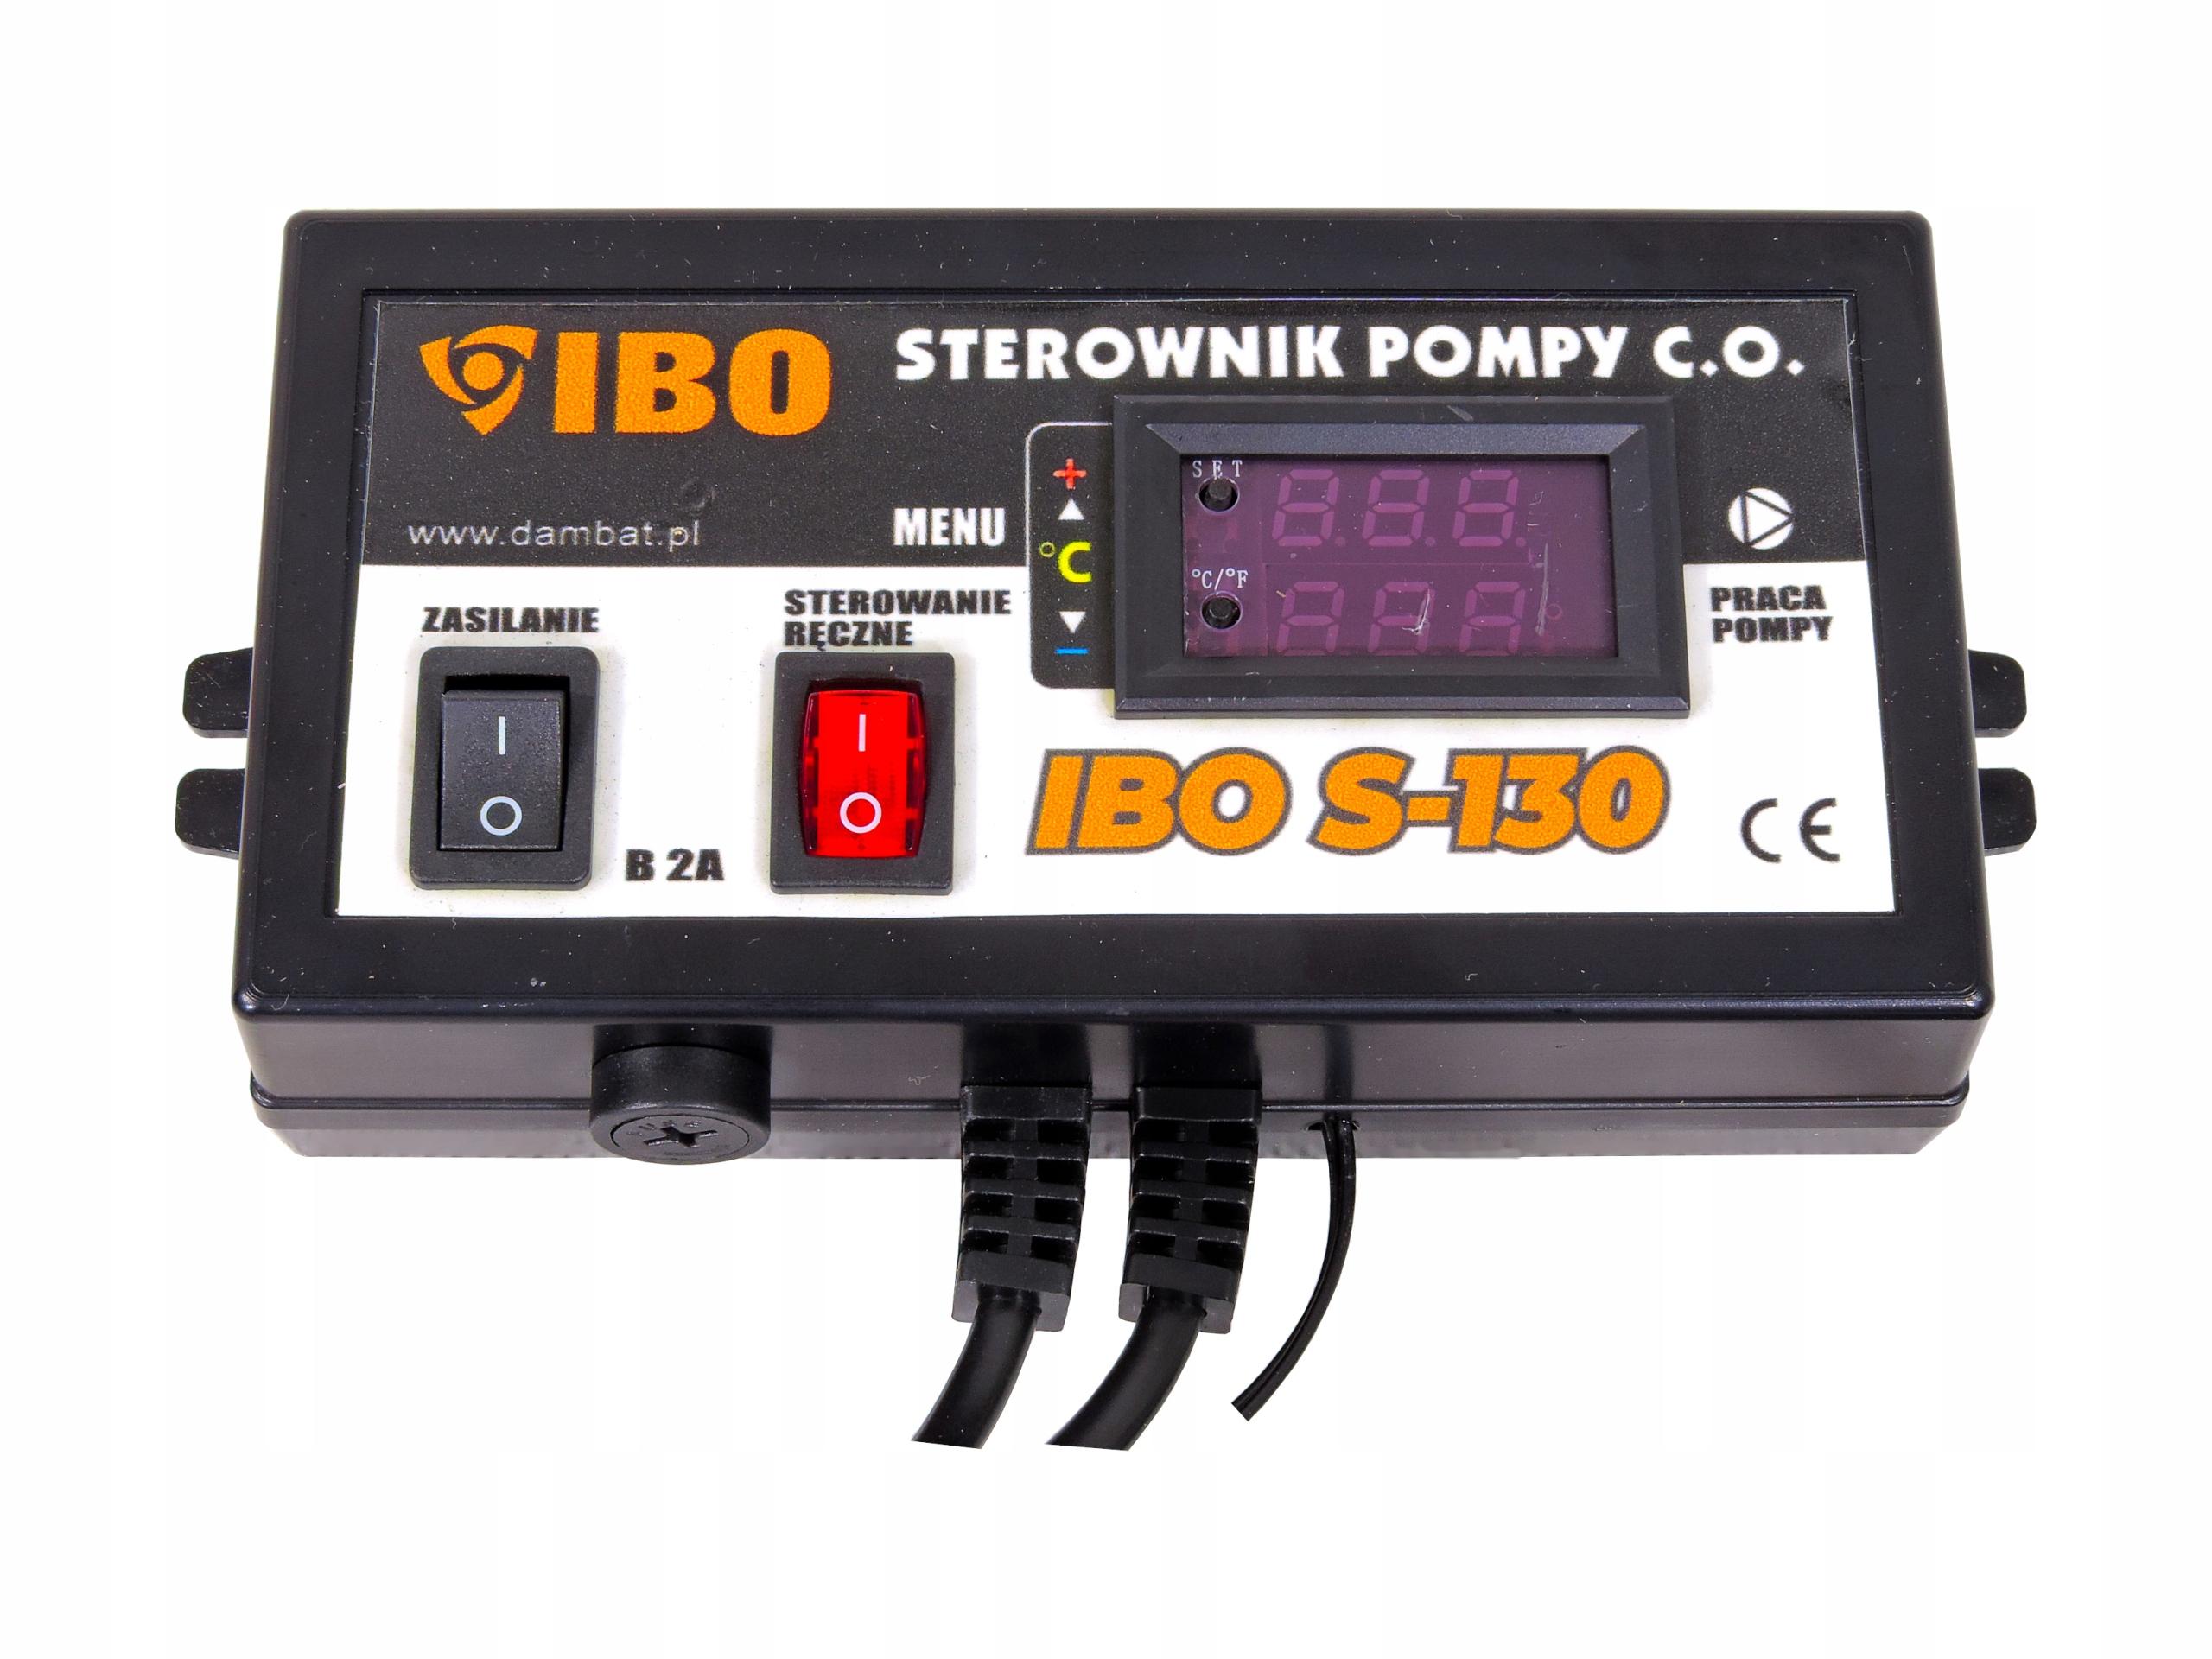 STEROWNIK POMPY C.O ELEKTRONICZNY REGULATOR S-130